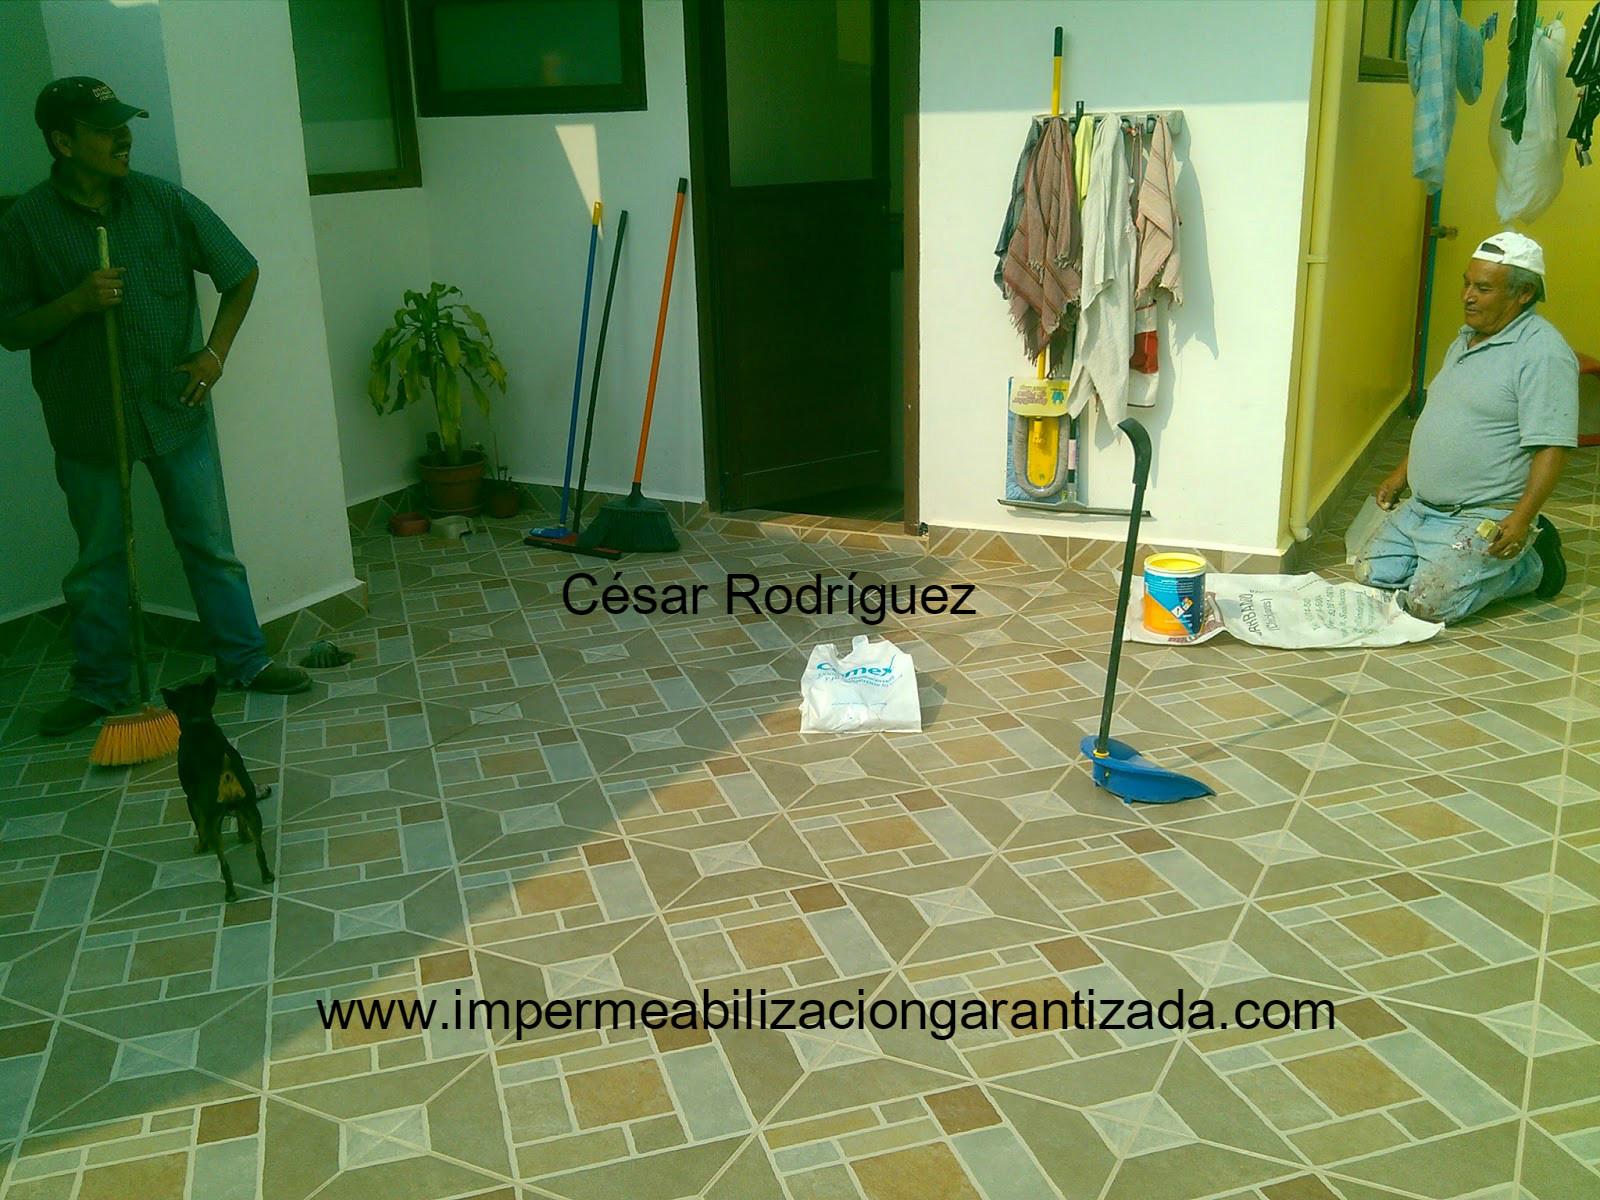 Impermeabilizaci n garantizada de azoteas y techos 2010 - Impermeabilizantes para terrazas ...